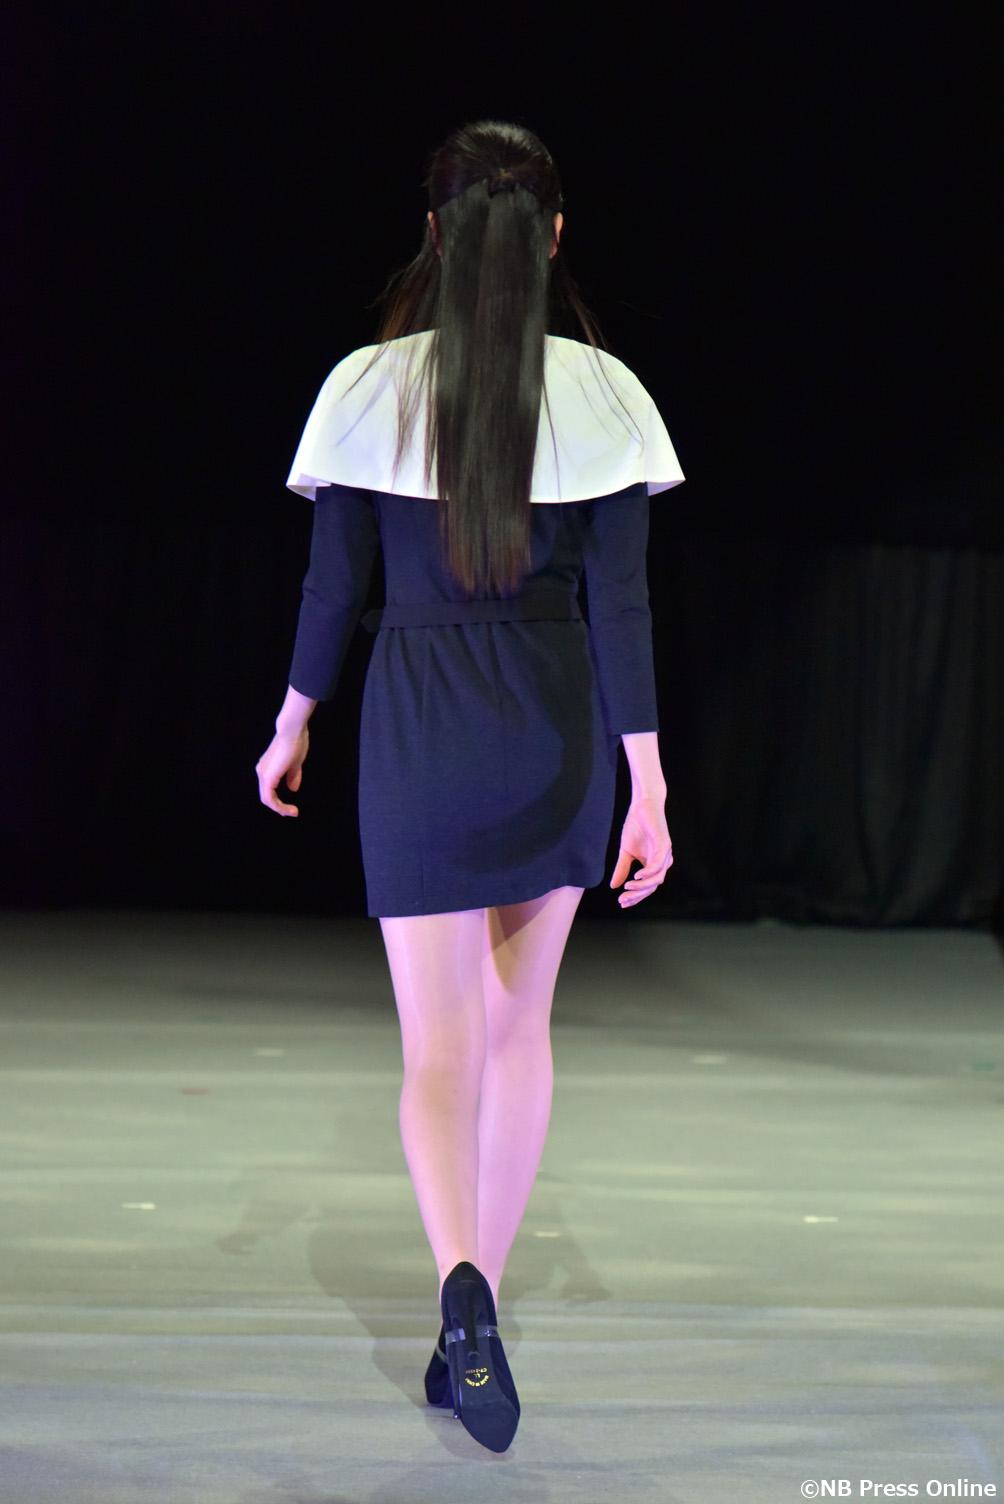 のん特別賞 - 作品名:女性らしさ